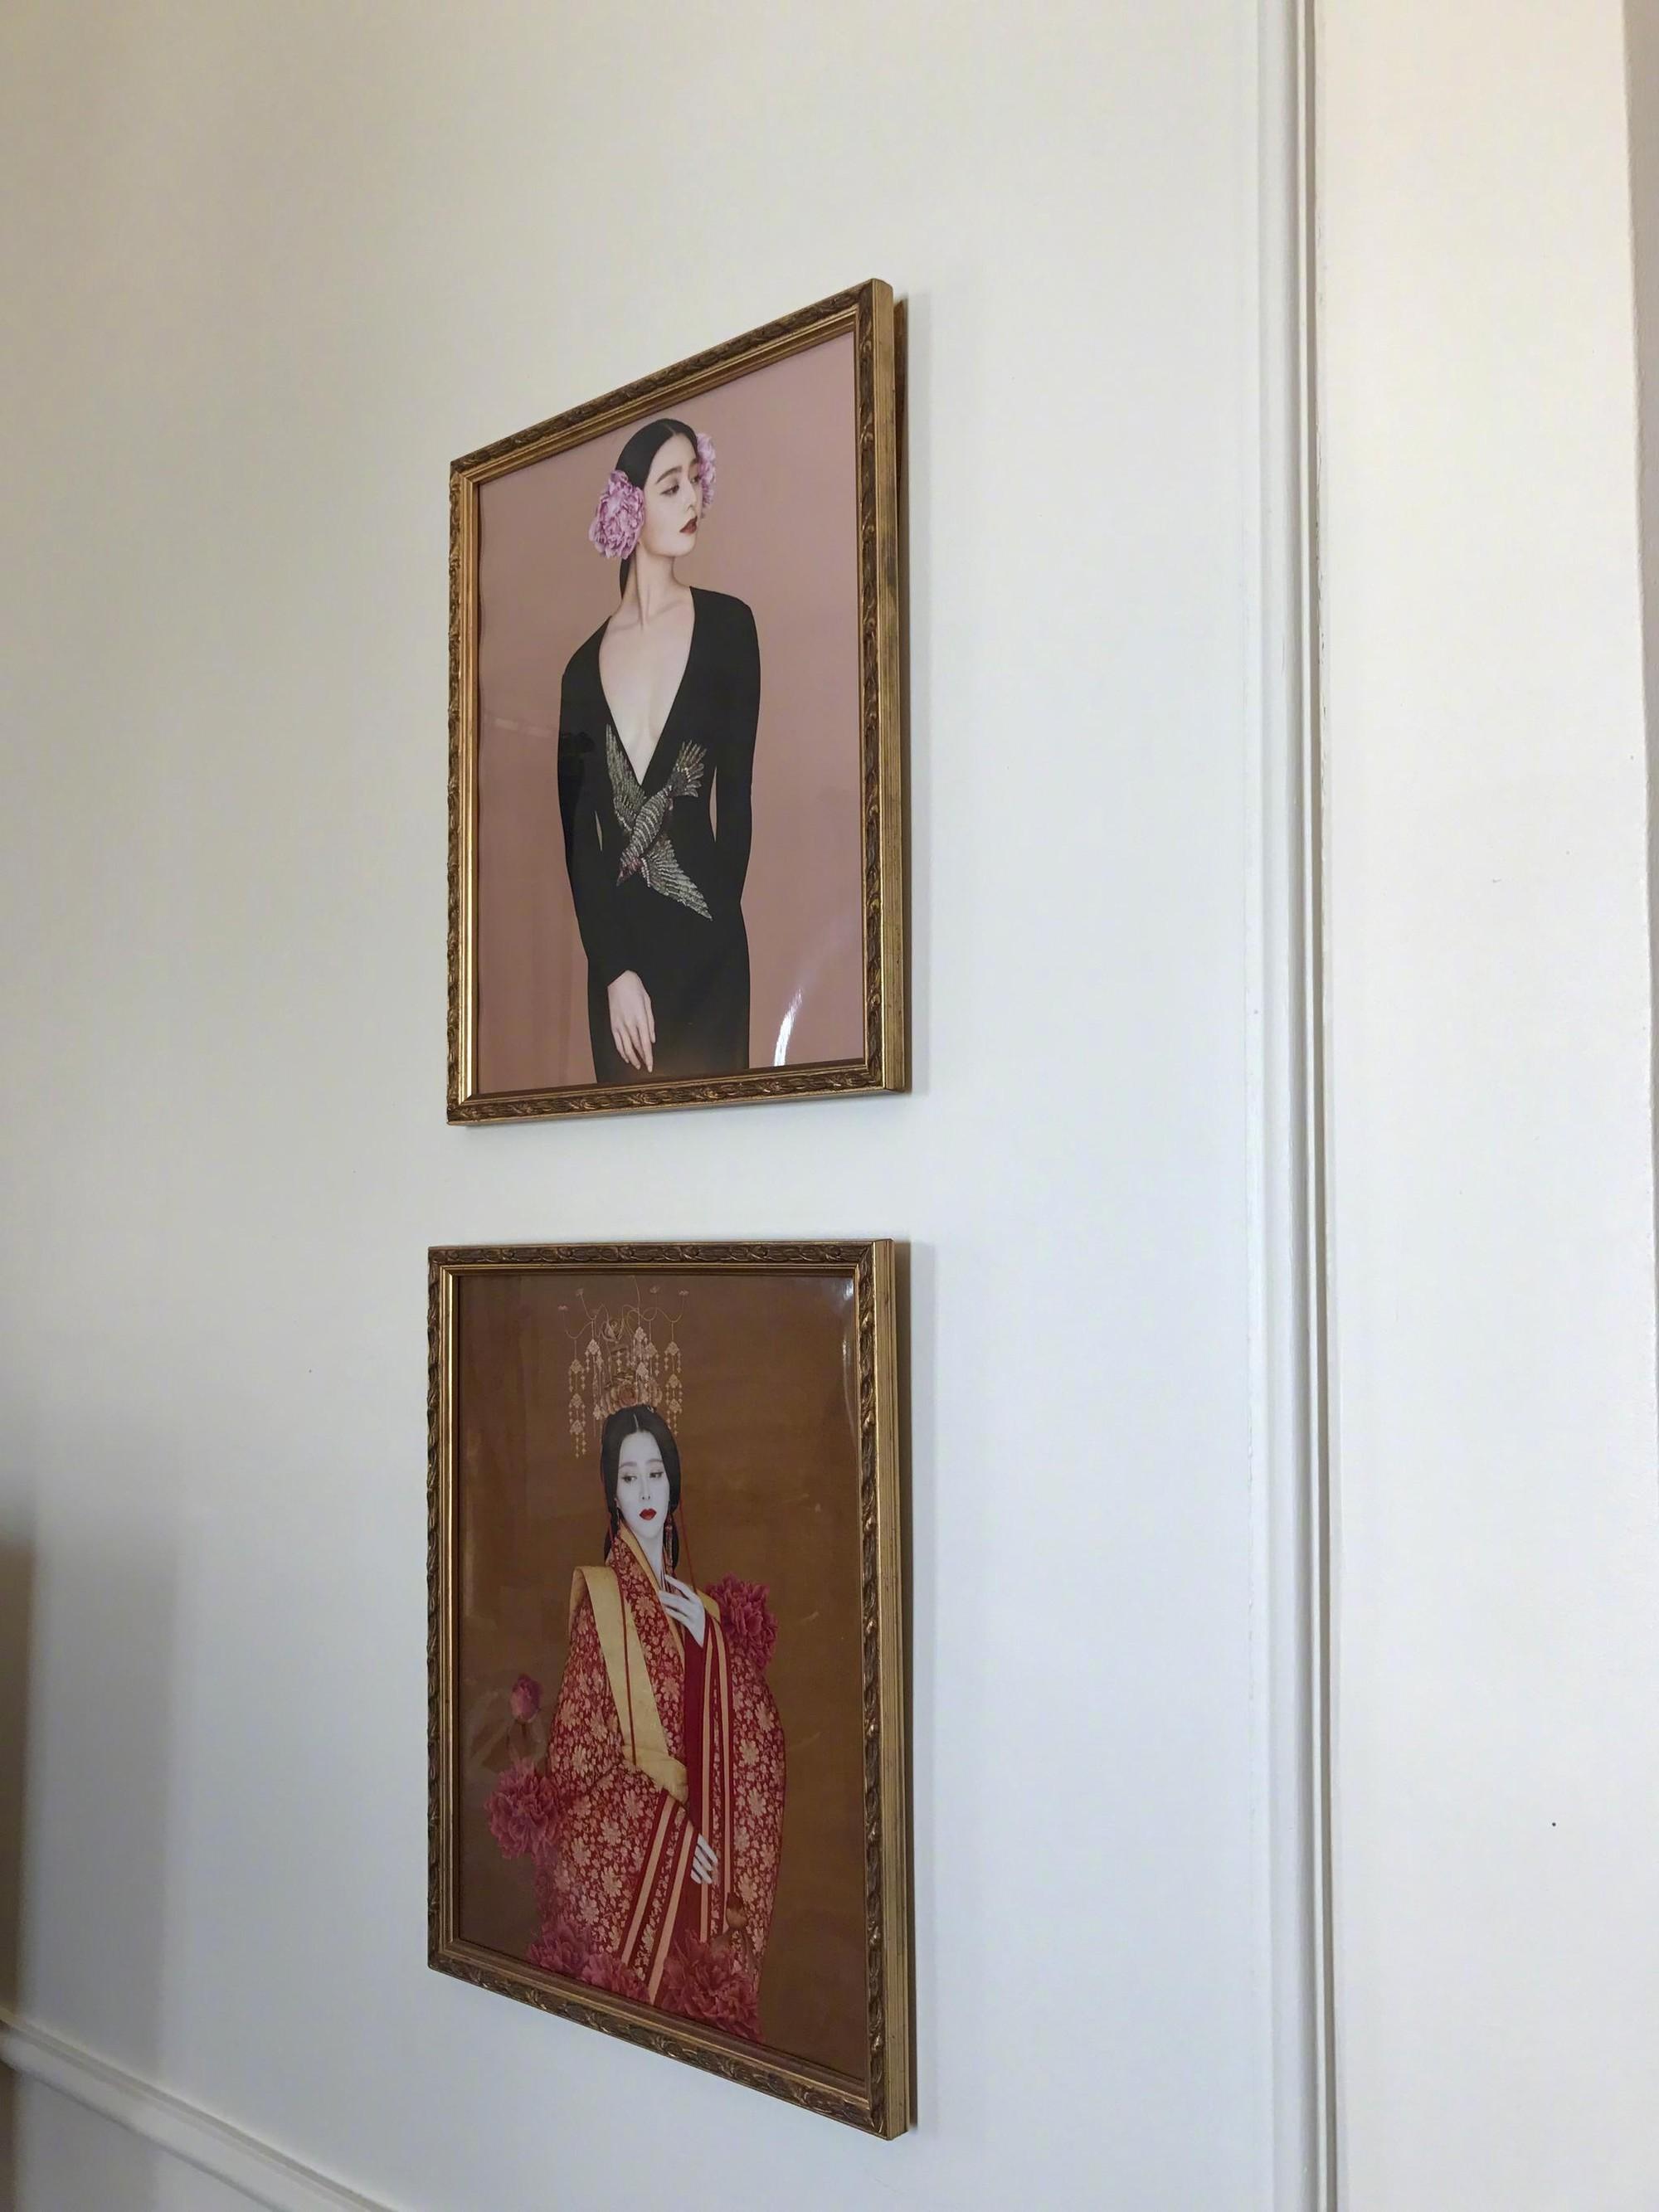 Cận cảnh phòng khách sạn mà như nhà riêng của Phạm Băng Băng ở Cannes: 120 triệu/đêm, tràn ngập toàn ảnh Nữ hoàng Cbiz - Ảnh 4.